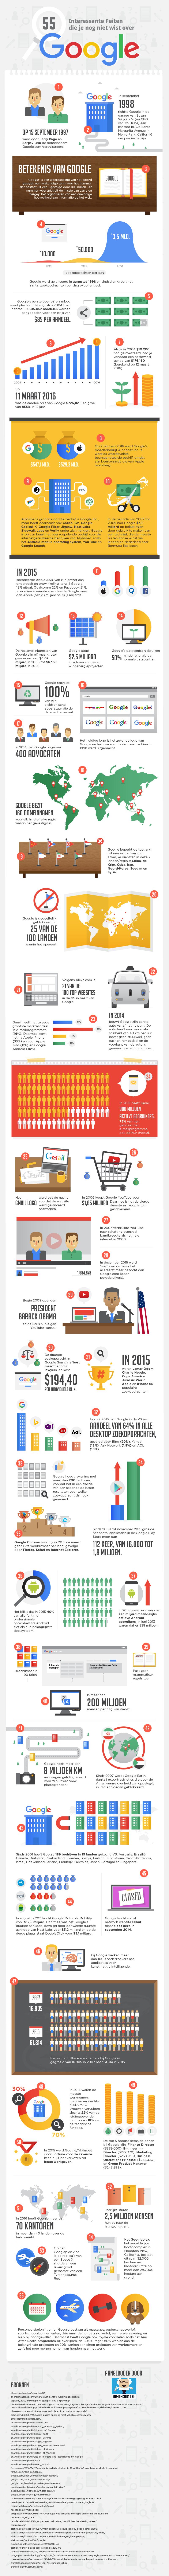 Google-feitjes-infographic